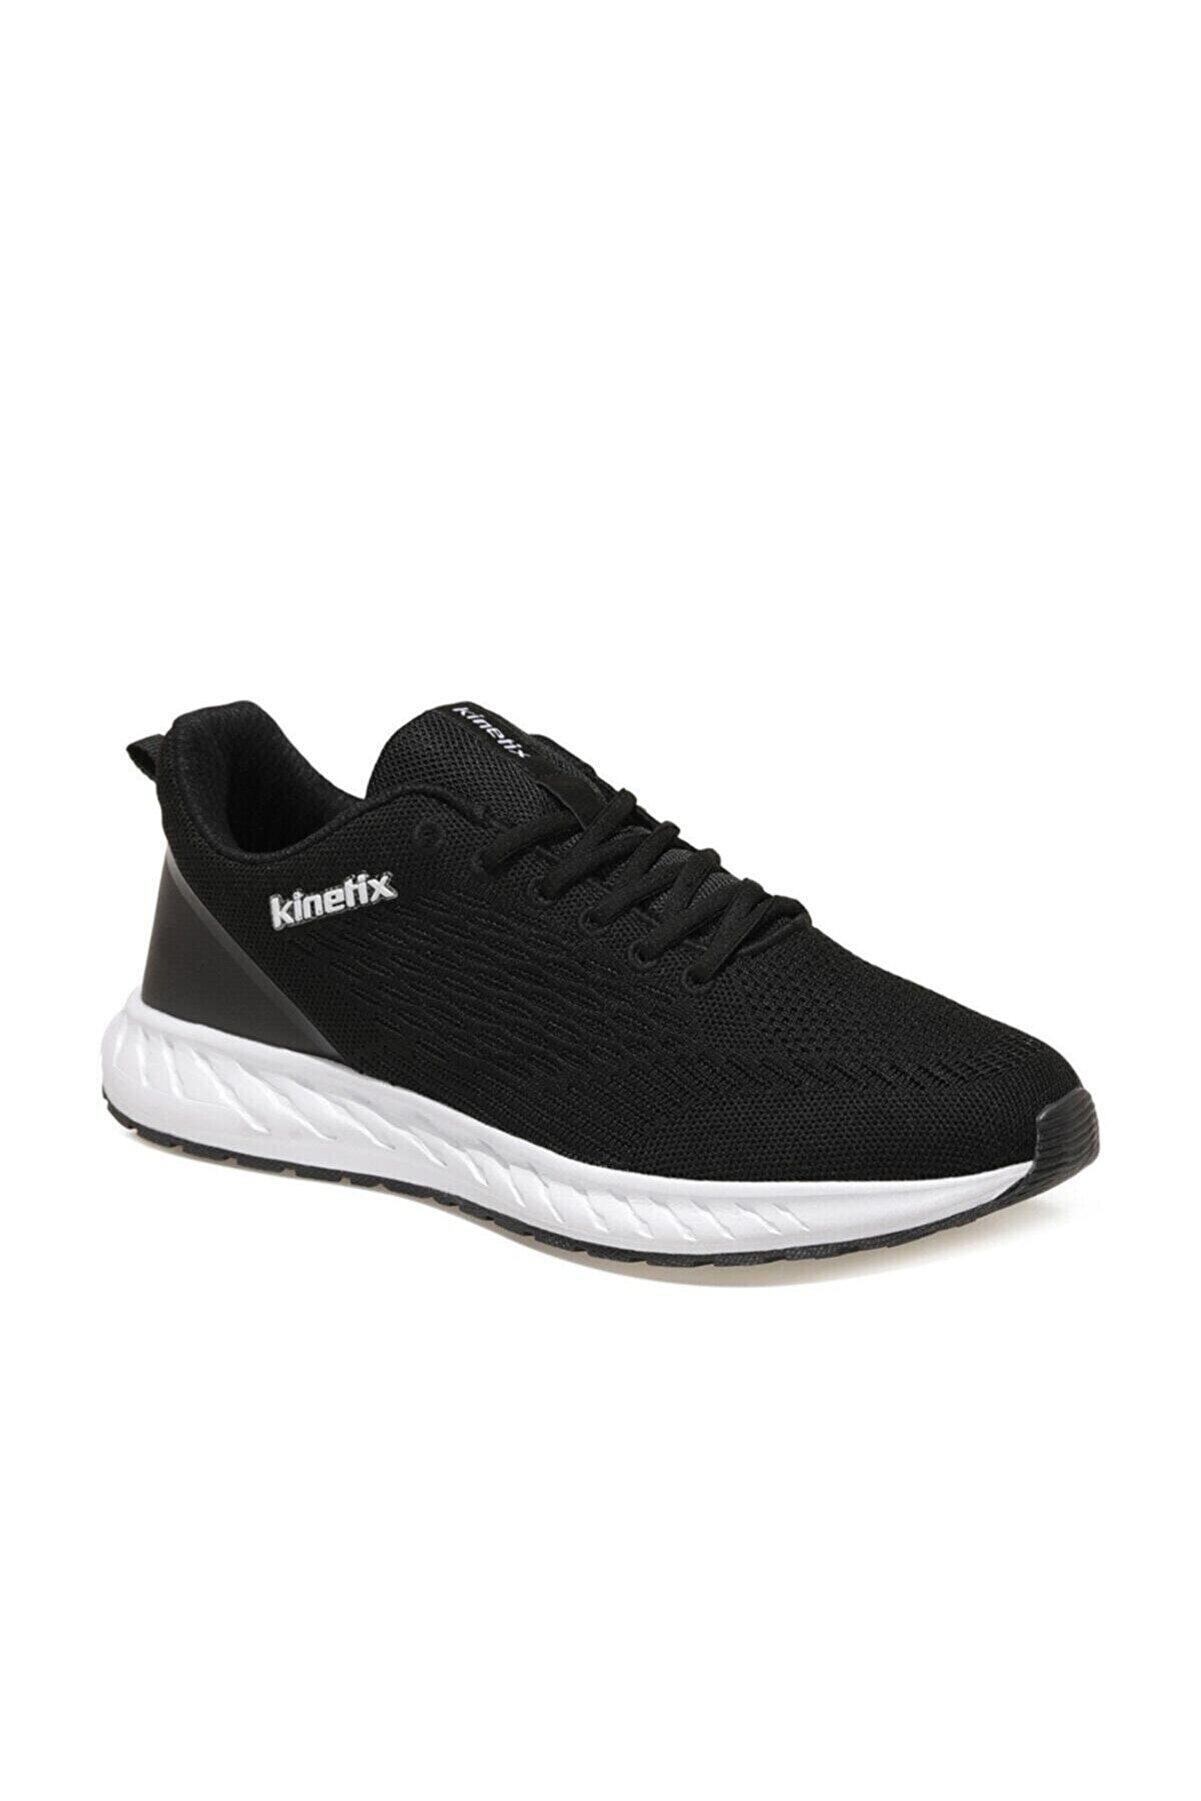 Kinetix VENSON 1FX Siyah Erkek Koşu Ayakkabısı 100787100